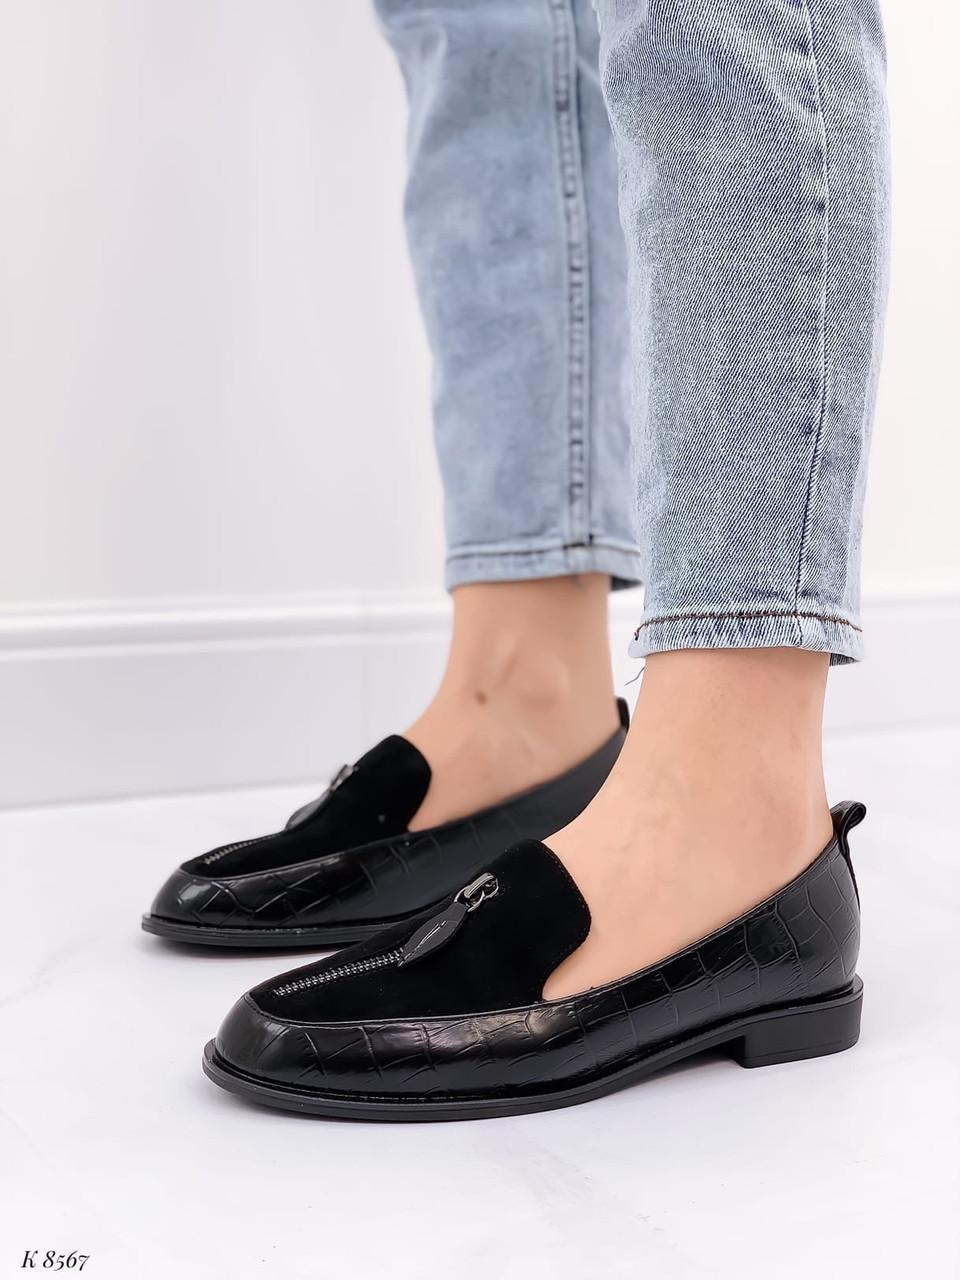 Жіночі лофери -туфлі чорні з декором еко шкіра пітон + замш